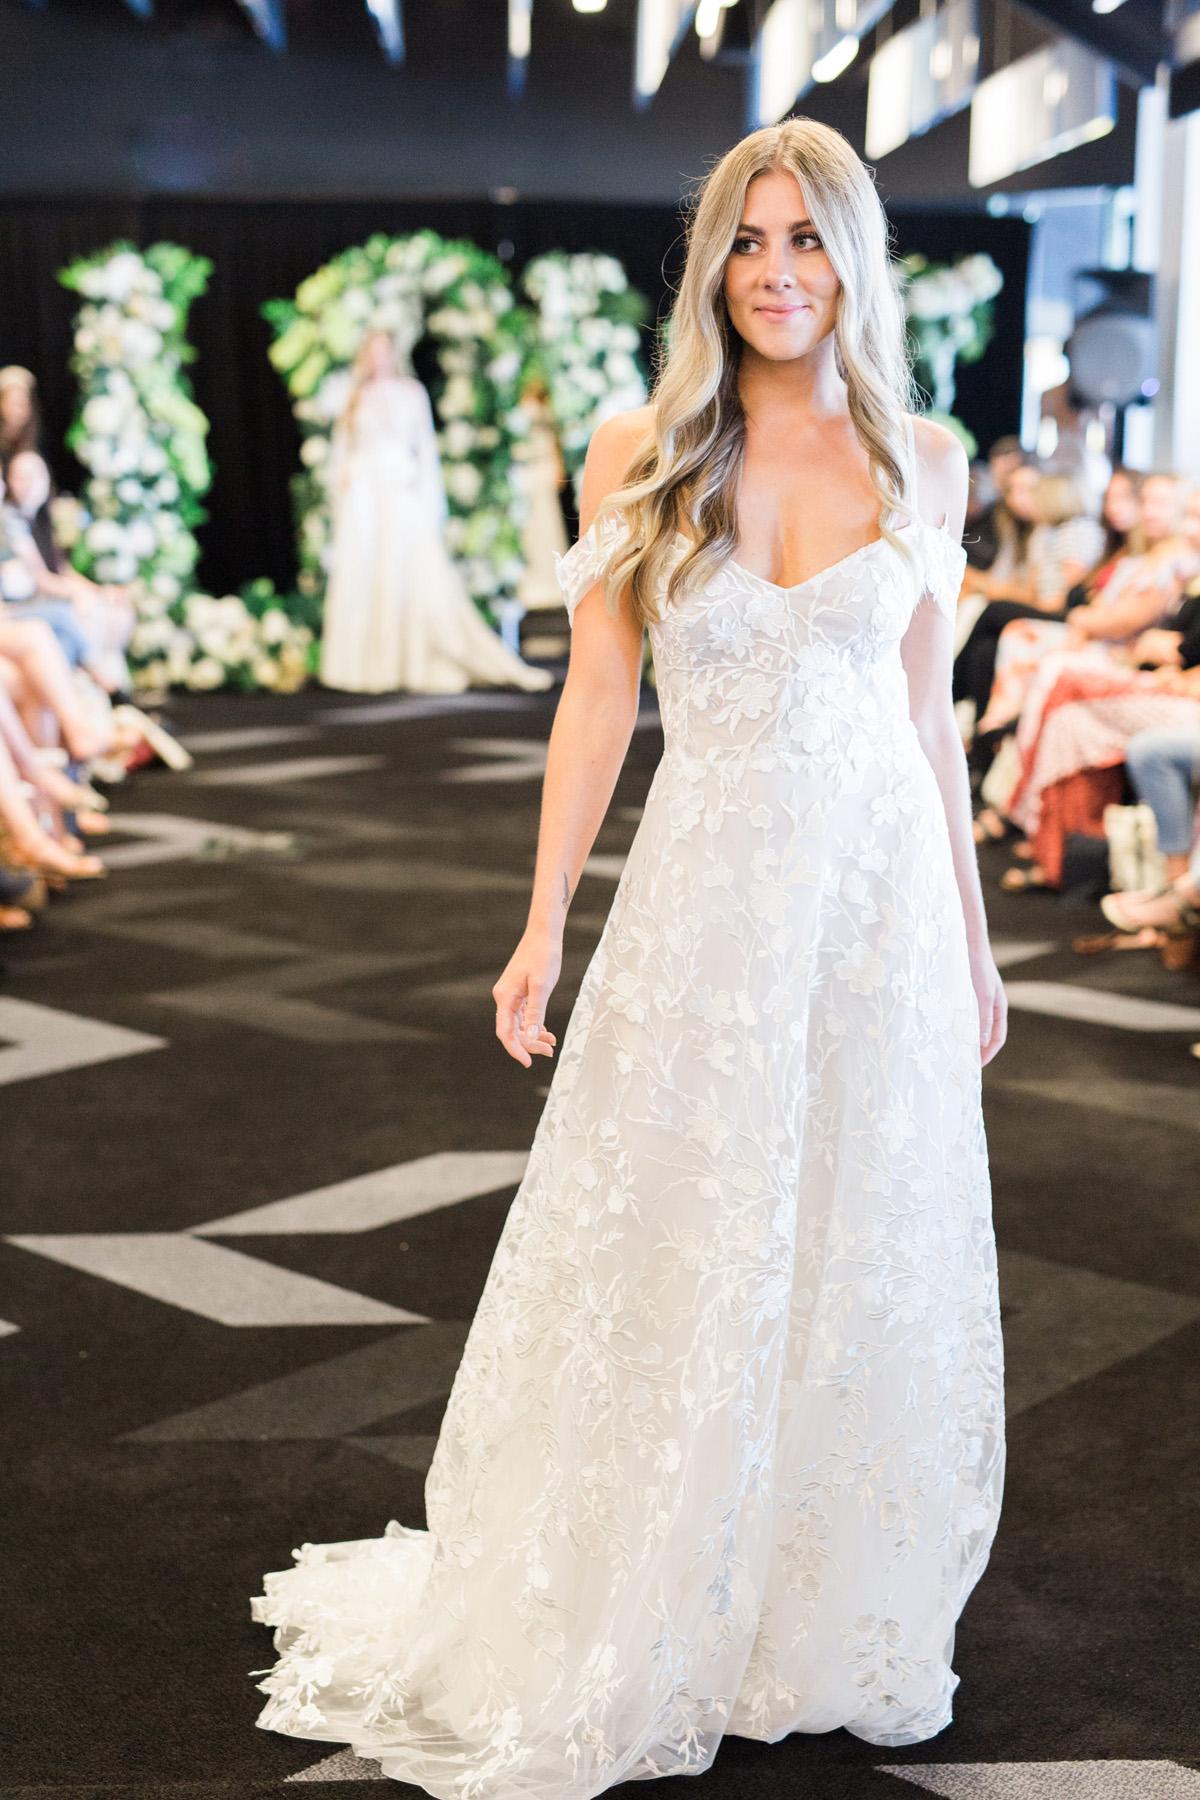 Love-Wedding-Festival-Sydney-Wedding-Gown-Angela-Osagie-12.jpg